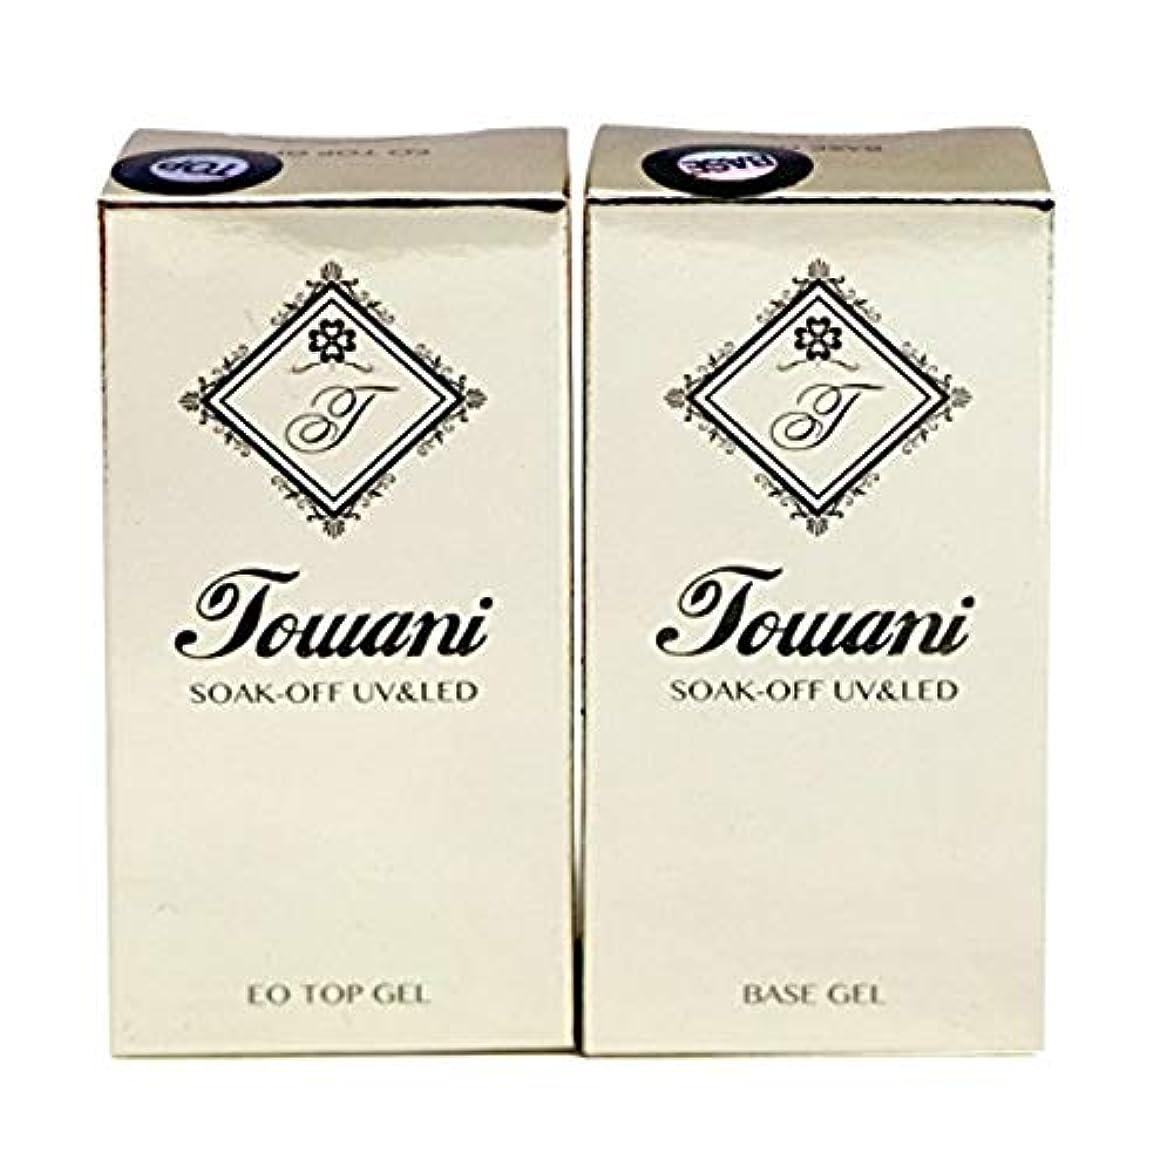 テキストドロップ定期的な(トワニ) Towani ジェルネイル トップ ベース ジェル セット UV ポリッシュタイプ